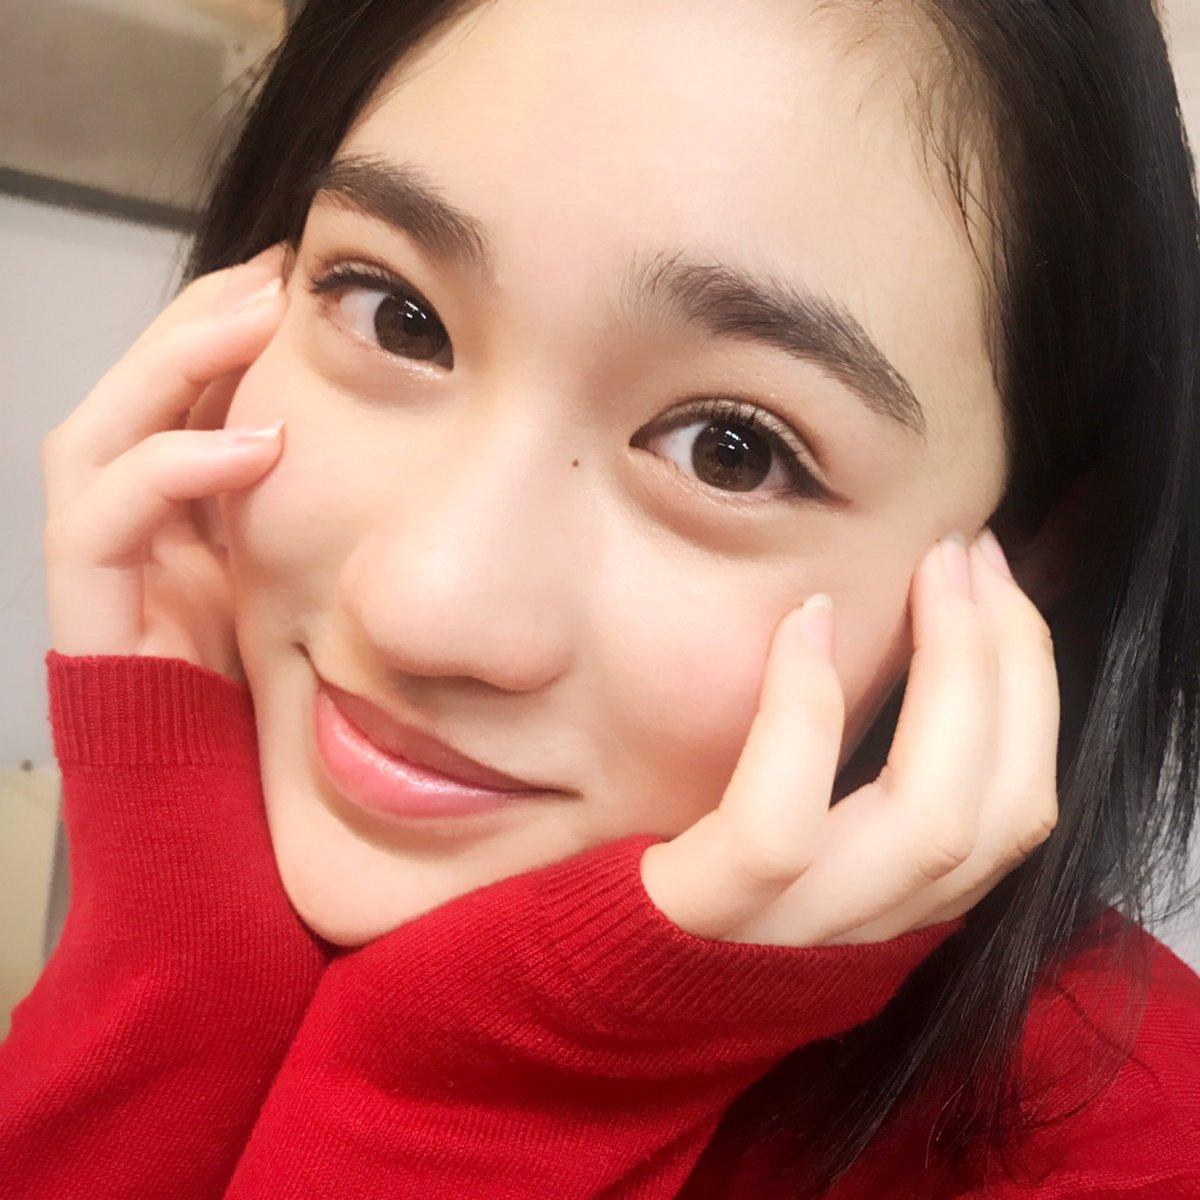 今日もとっても楽しそうな莉佳子🤗 #Seventeen撮影中 #STニュース #佐々木莉佳子